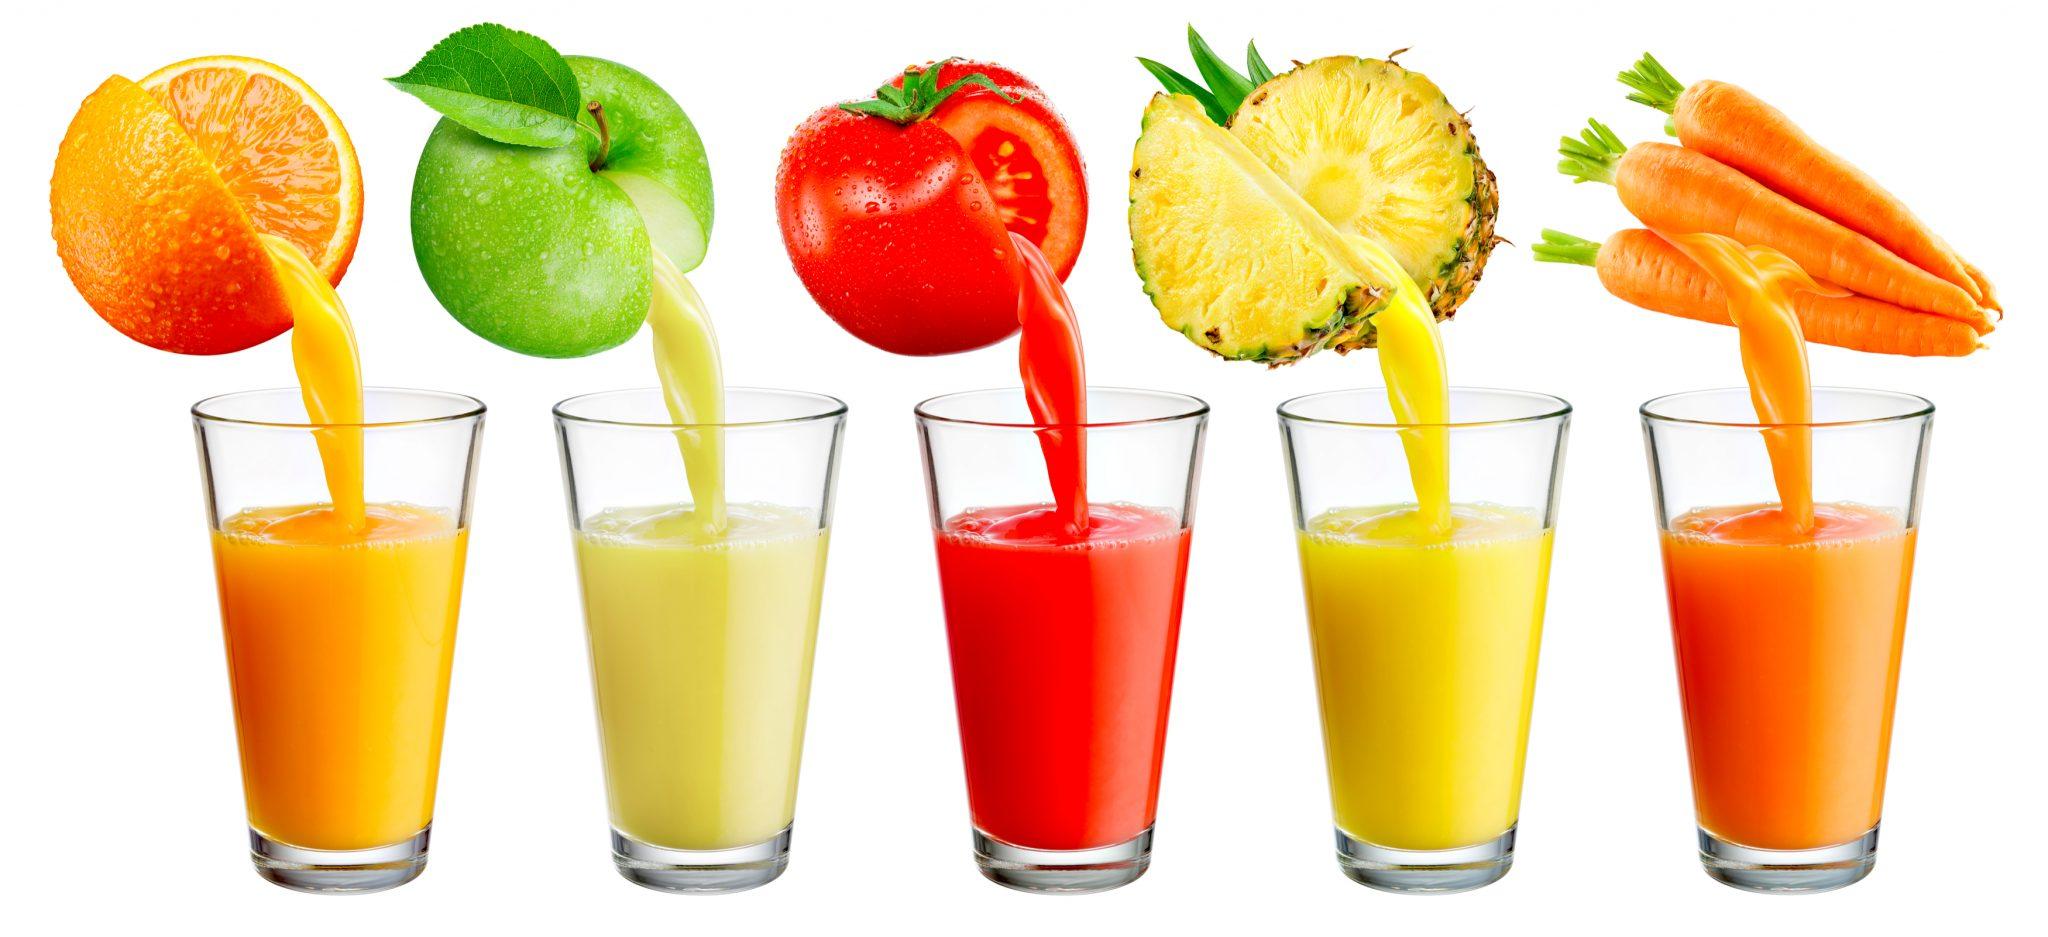 果物と野菜から果汁を絞ってジュースにしている